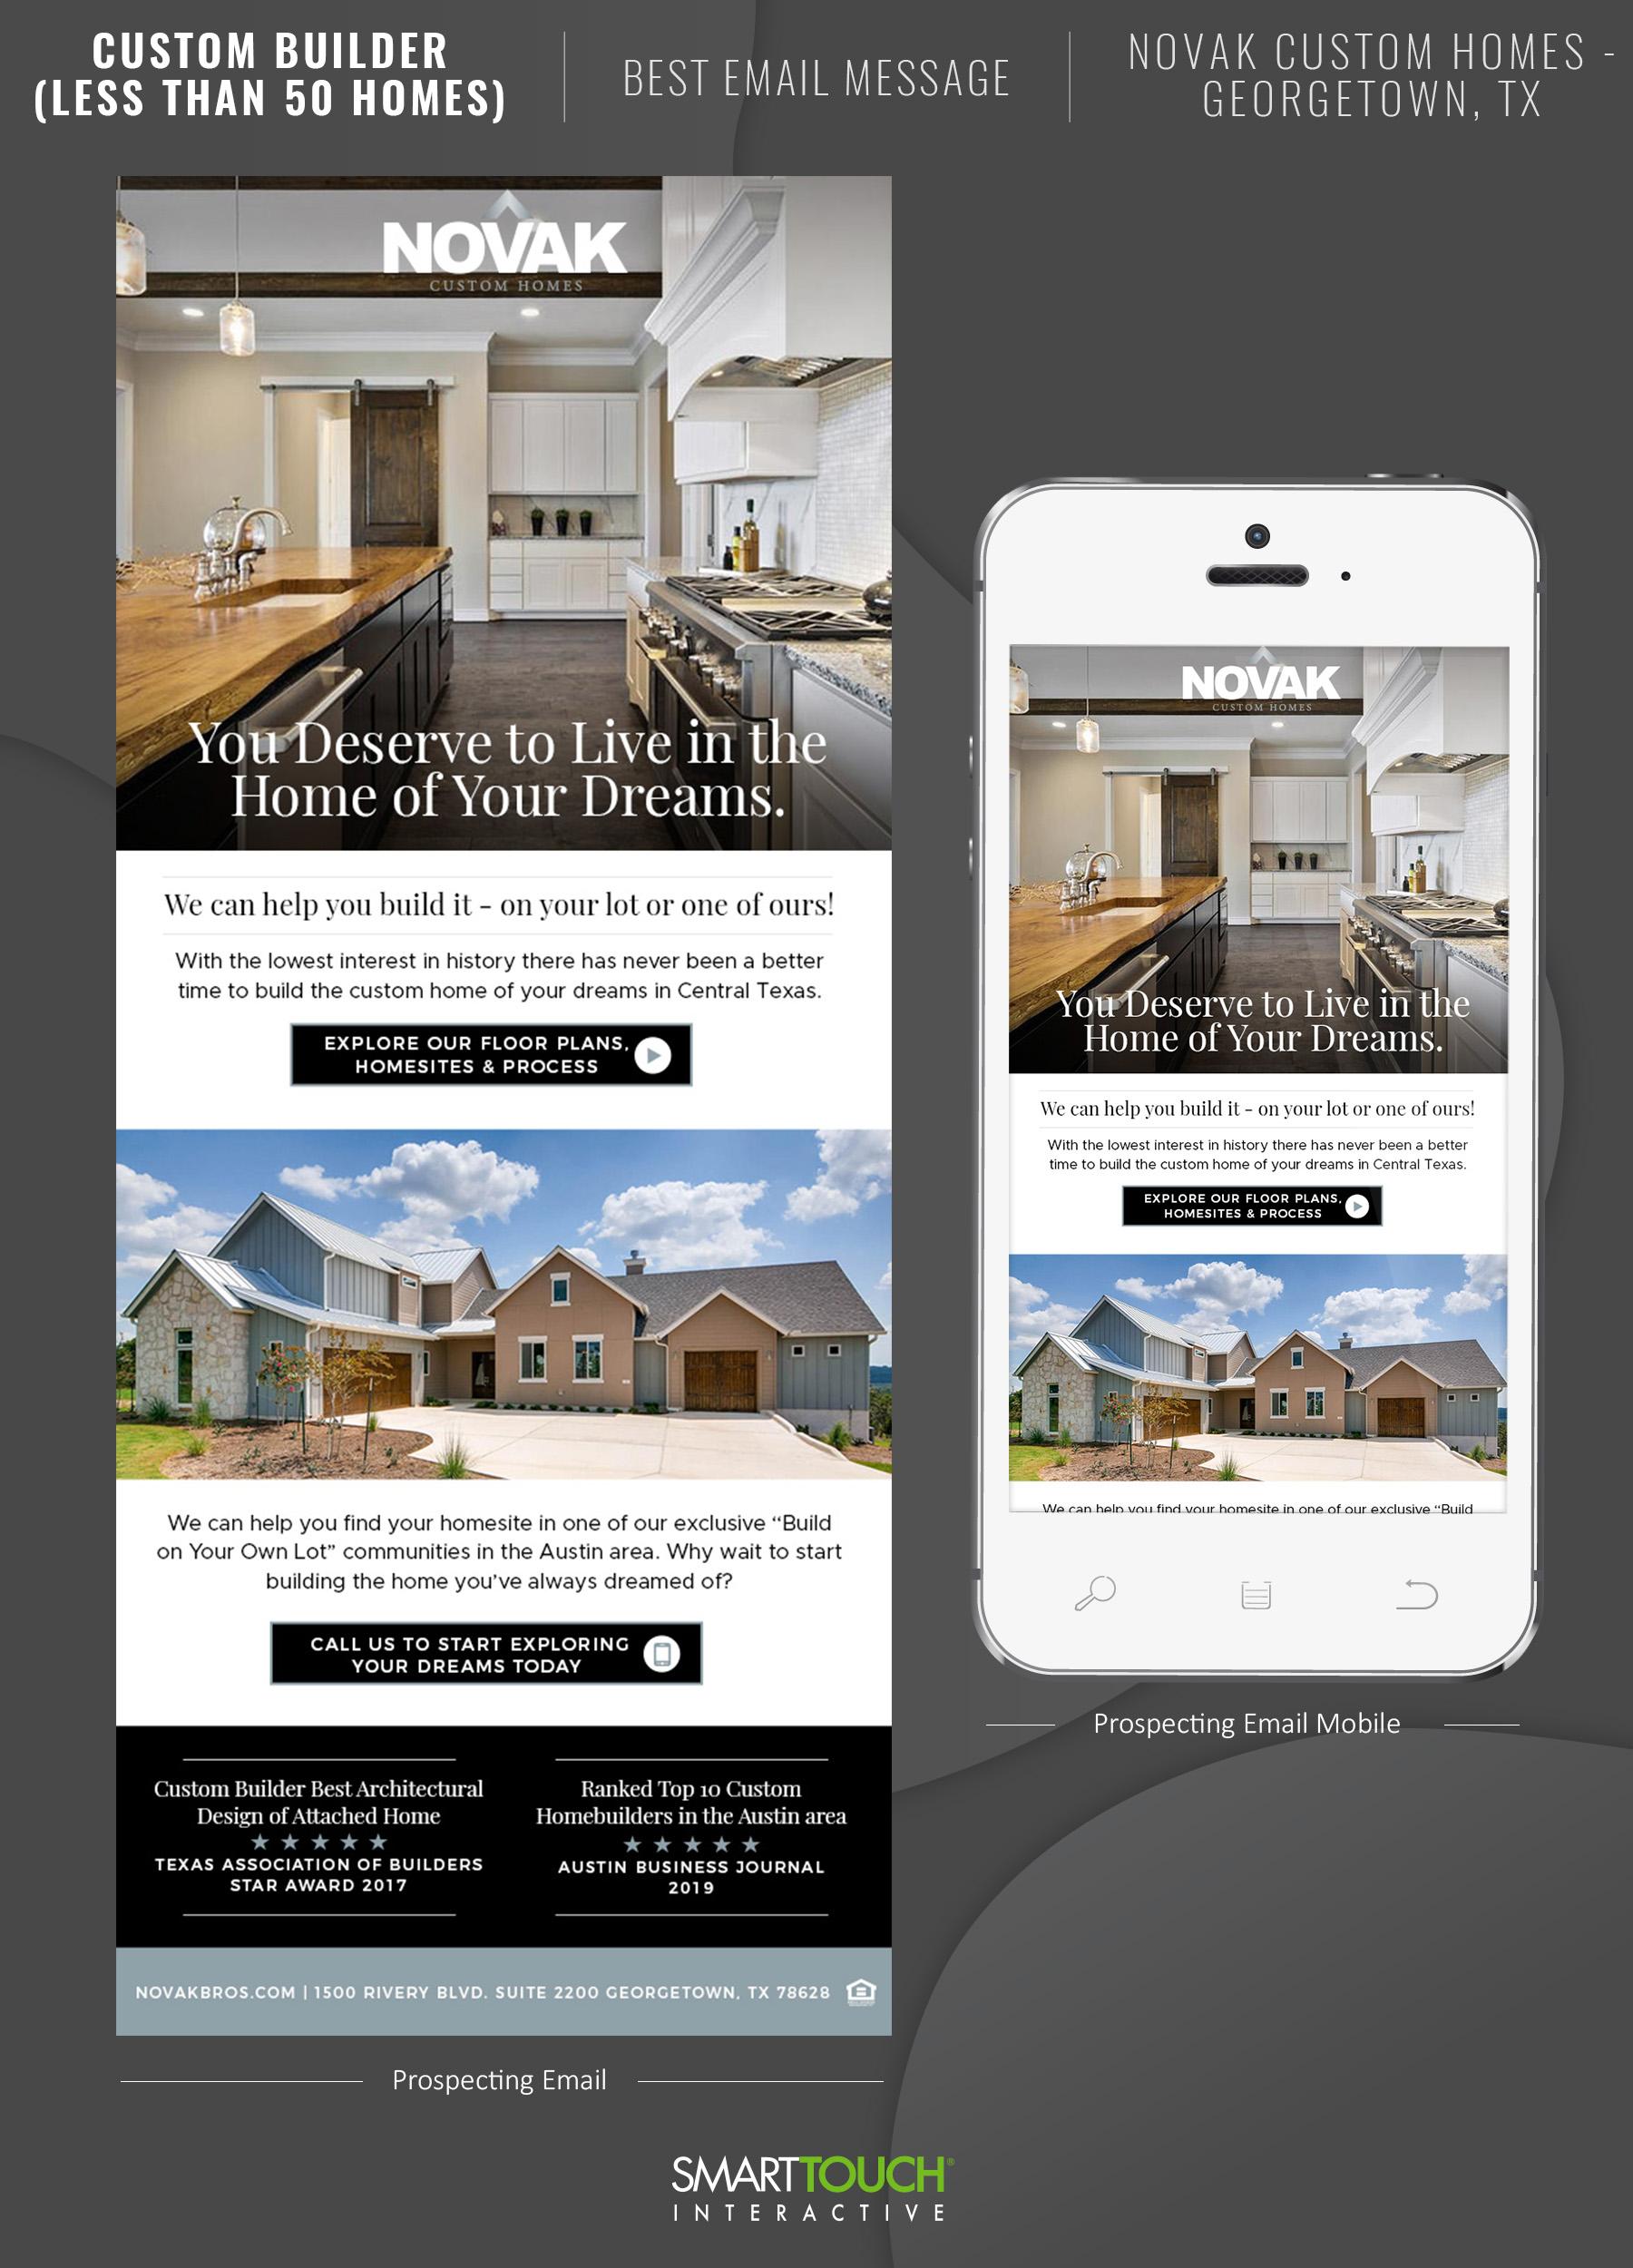 Best Email Message - Novak Custom Homes Georgetown TX